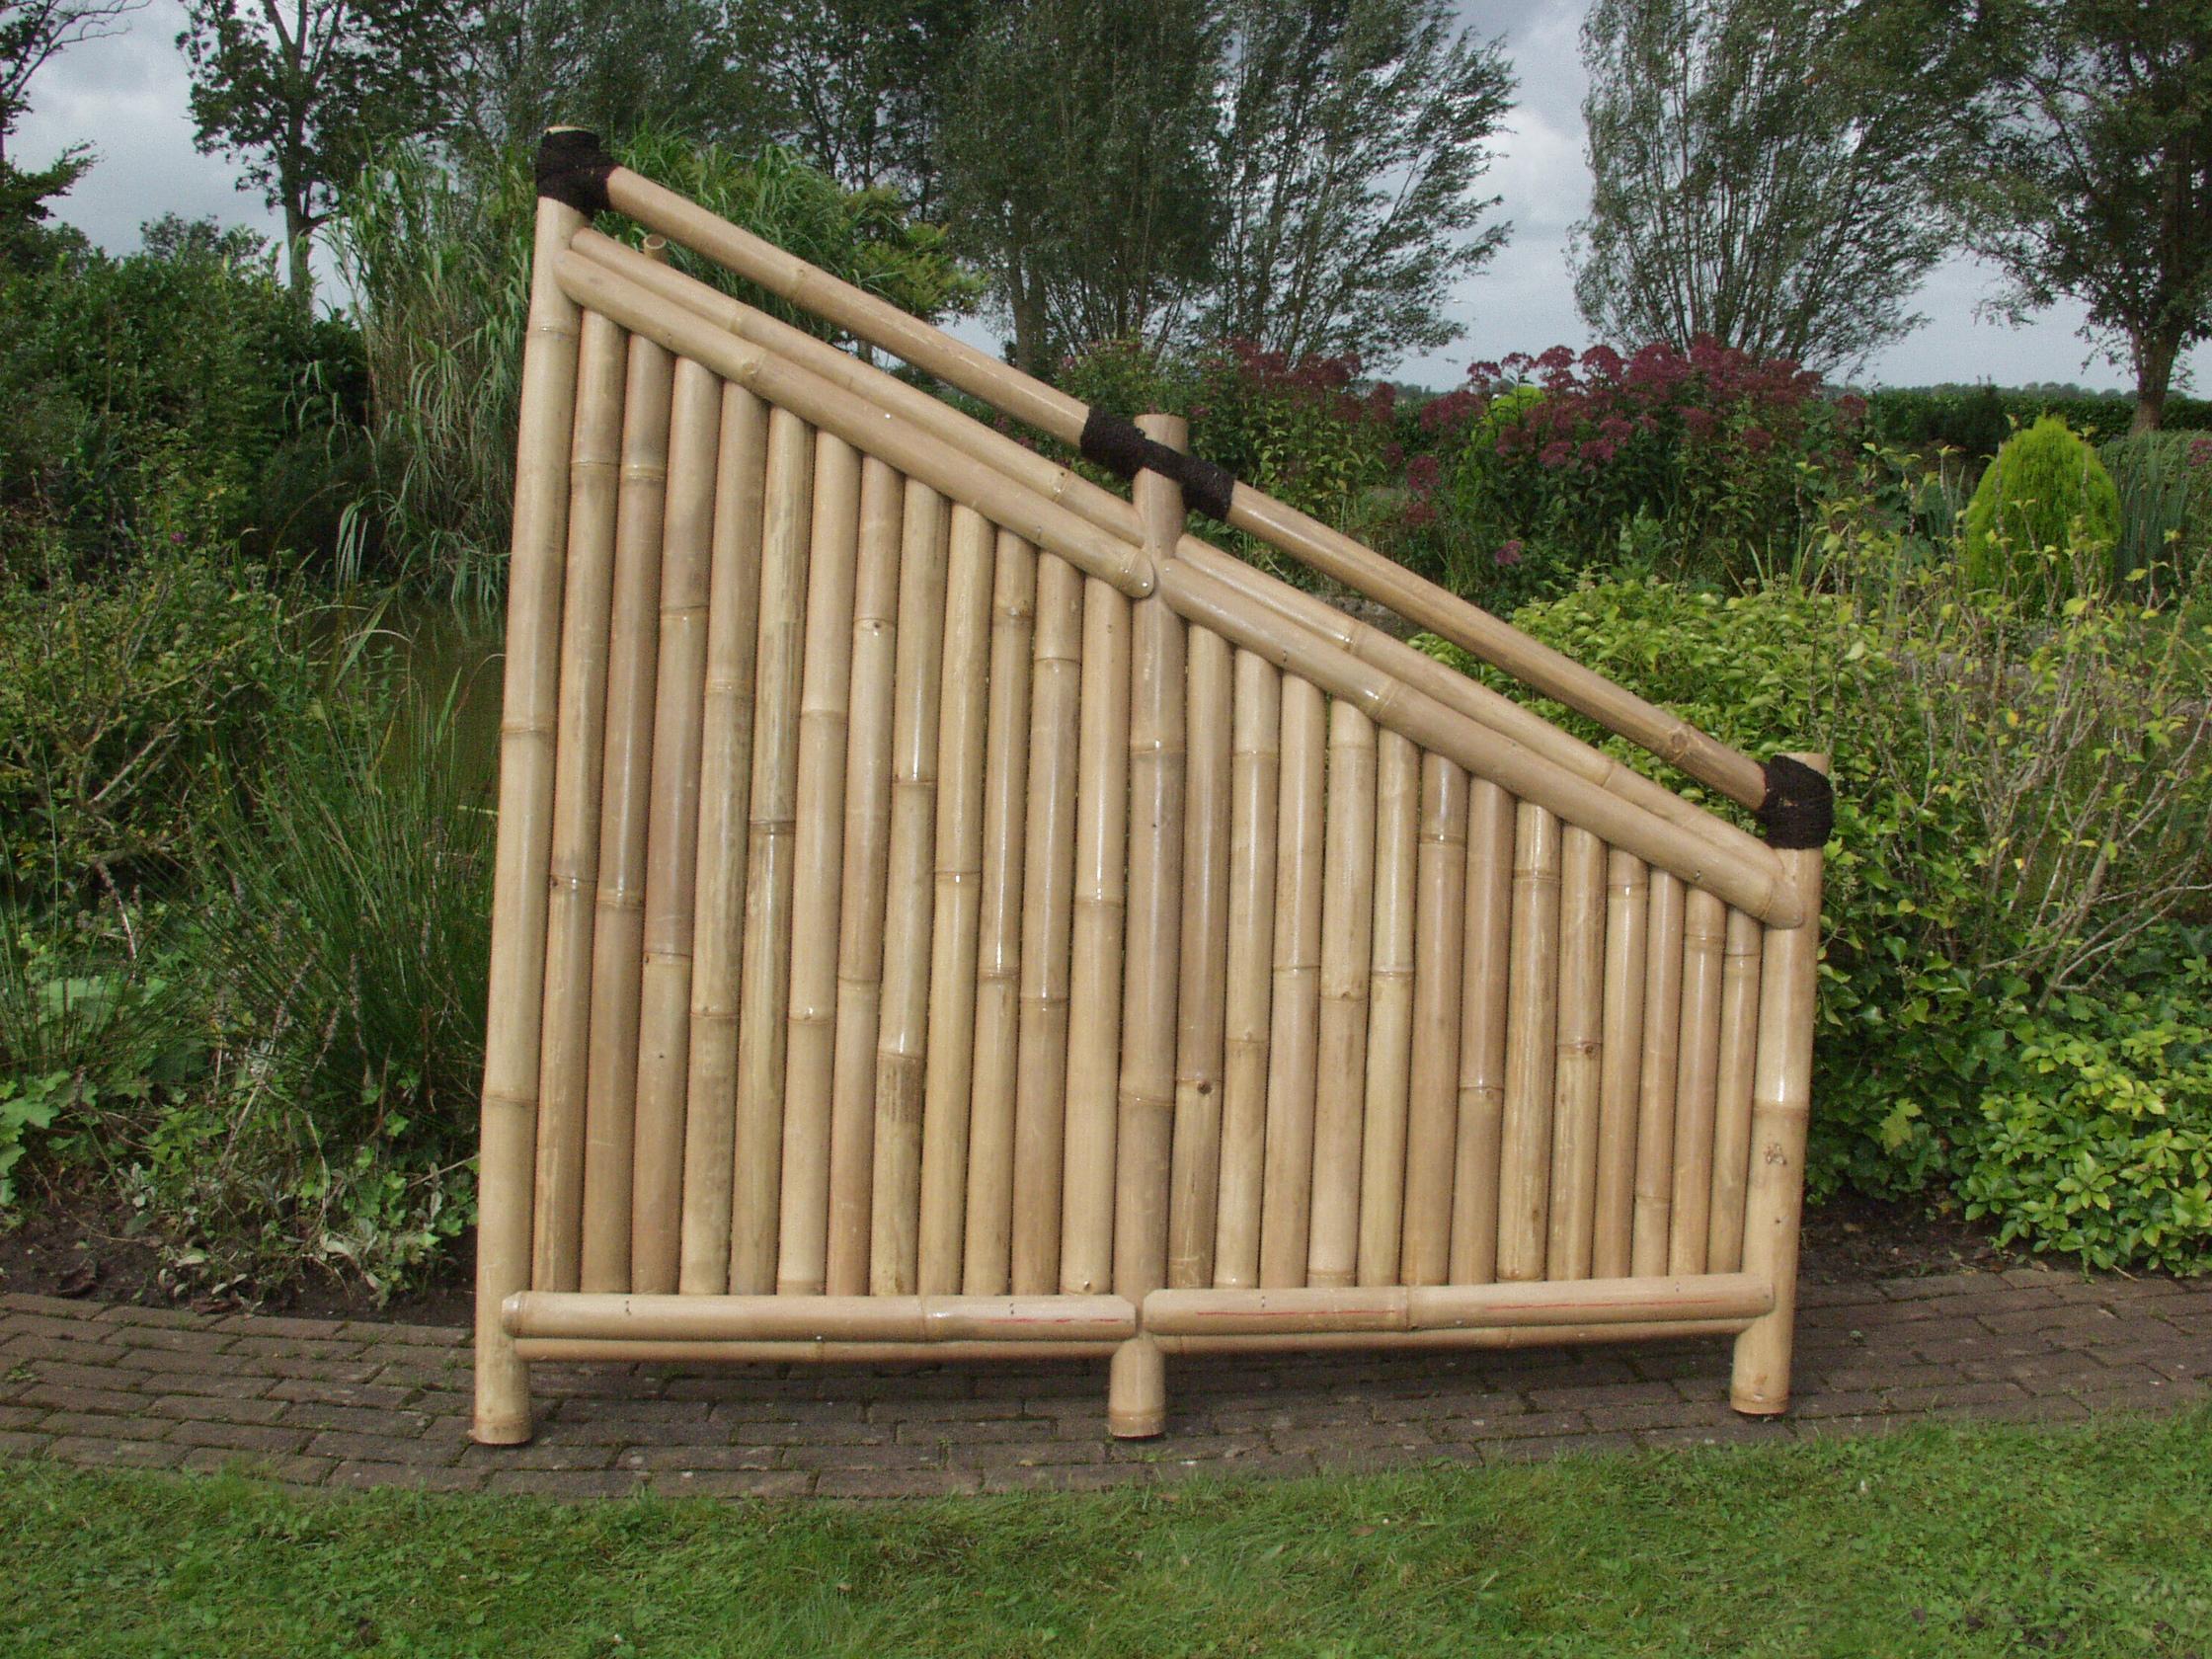 Bambuszaun Kajuku 180 90 Cm Hoch X 180 Cm Breit Sichtschutz